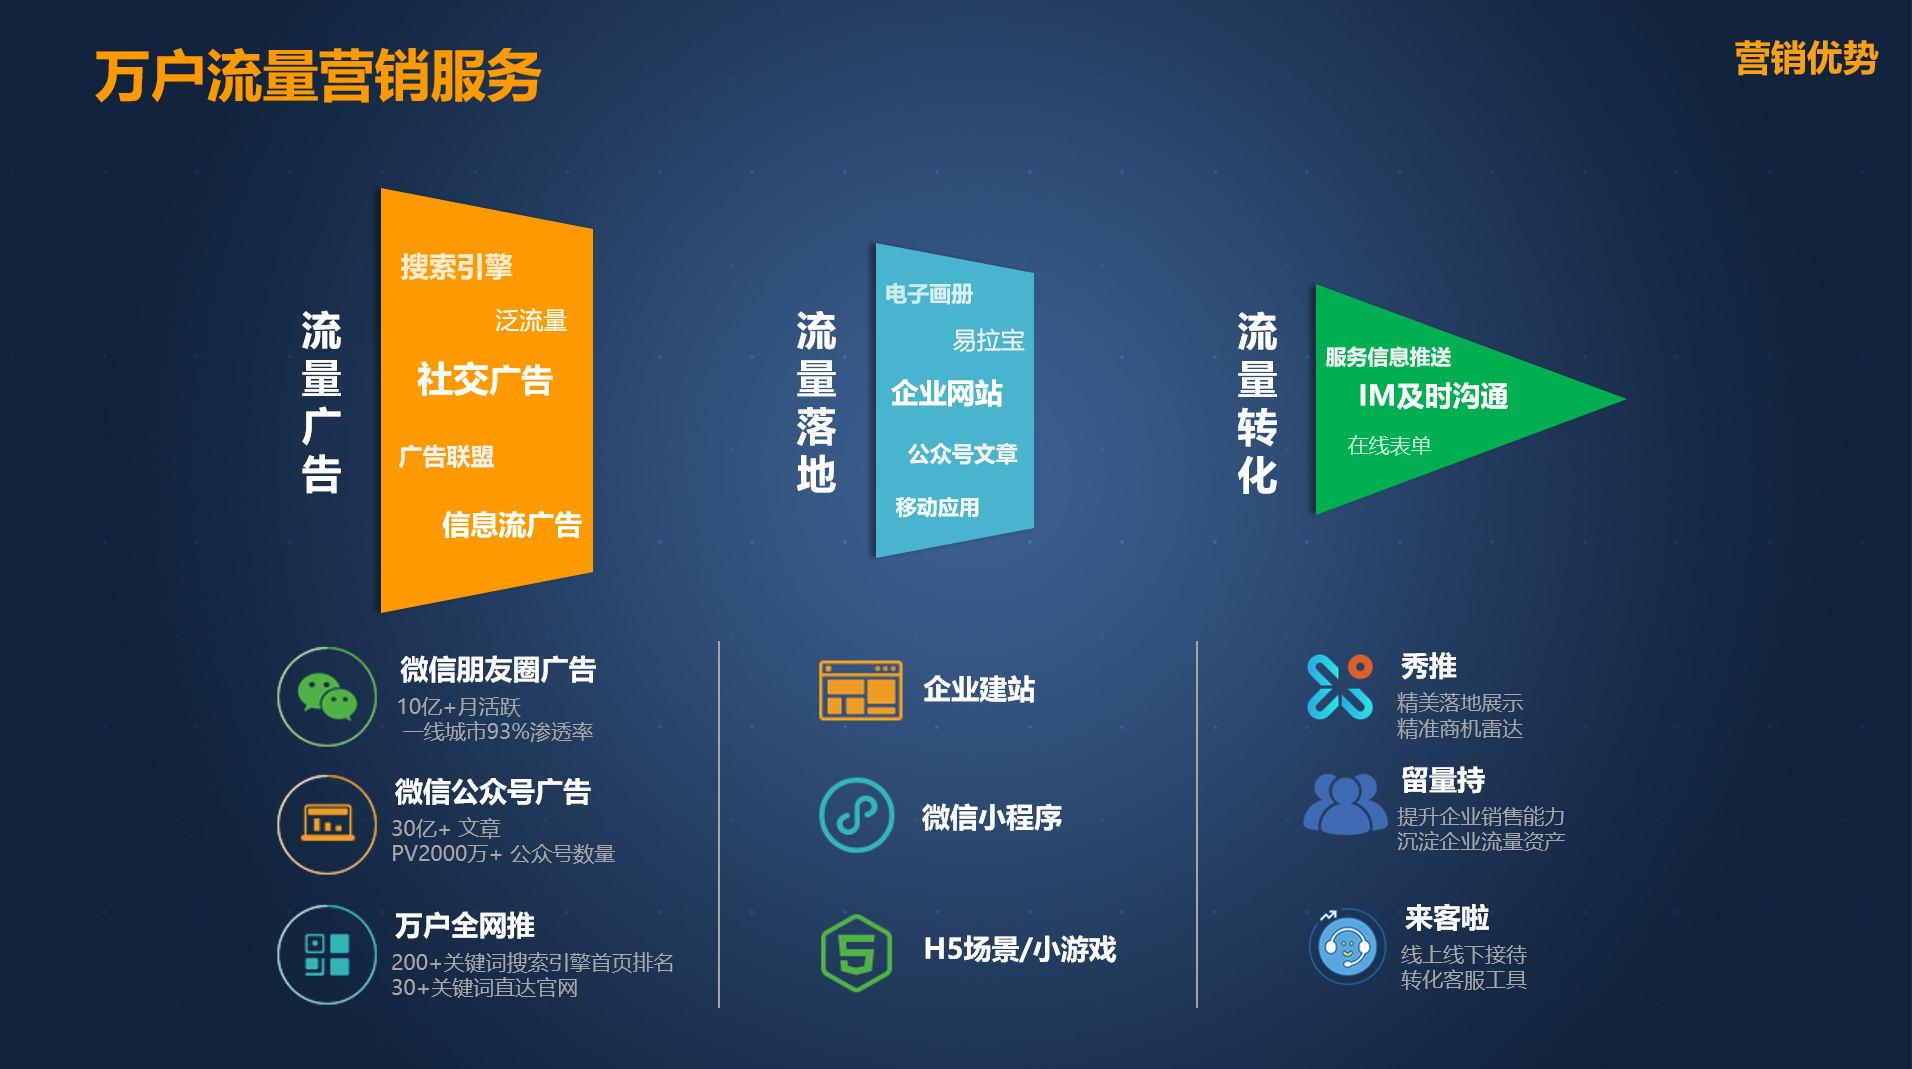 微信公众号推文代运营托管引流企业商城新媒体推广营销策划传播